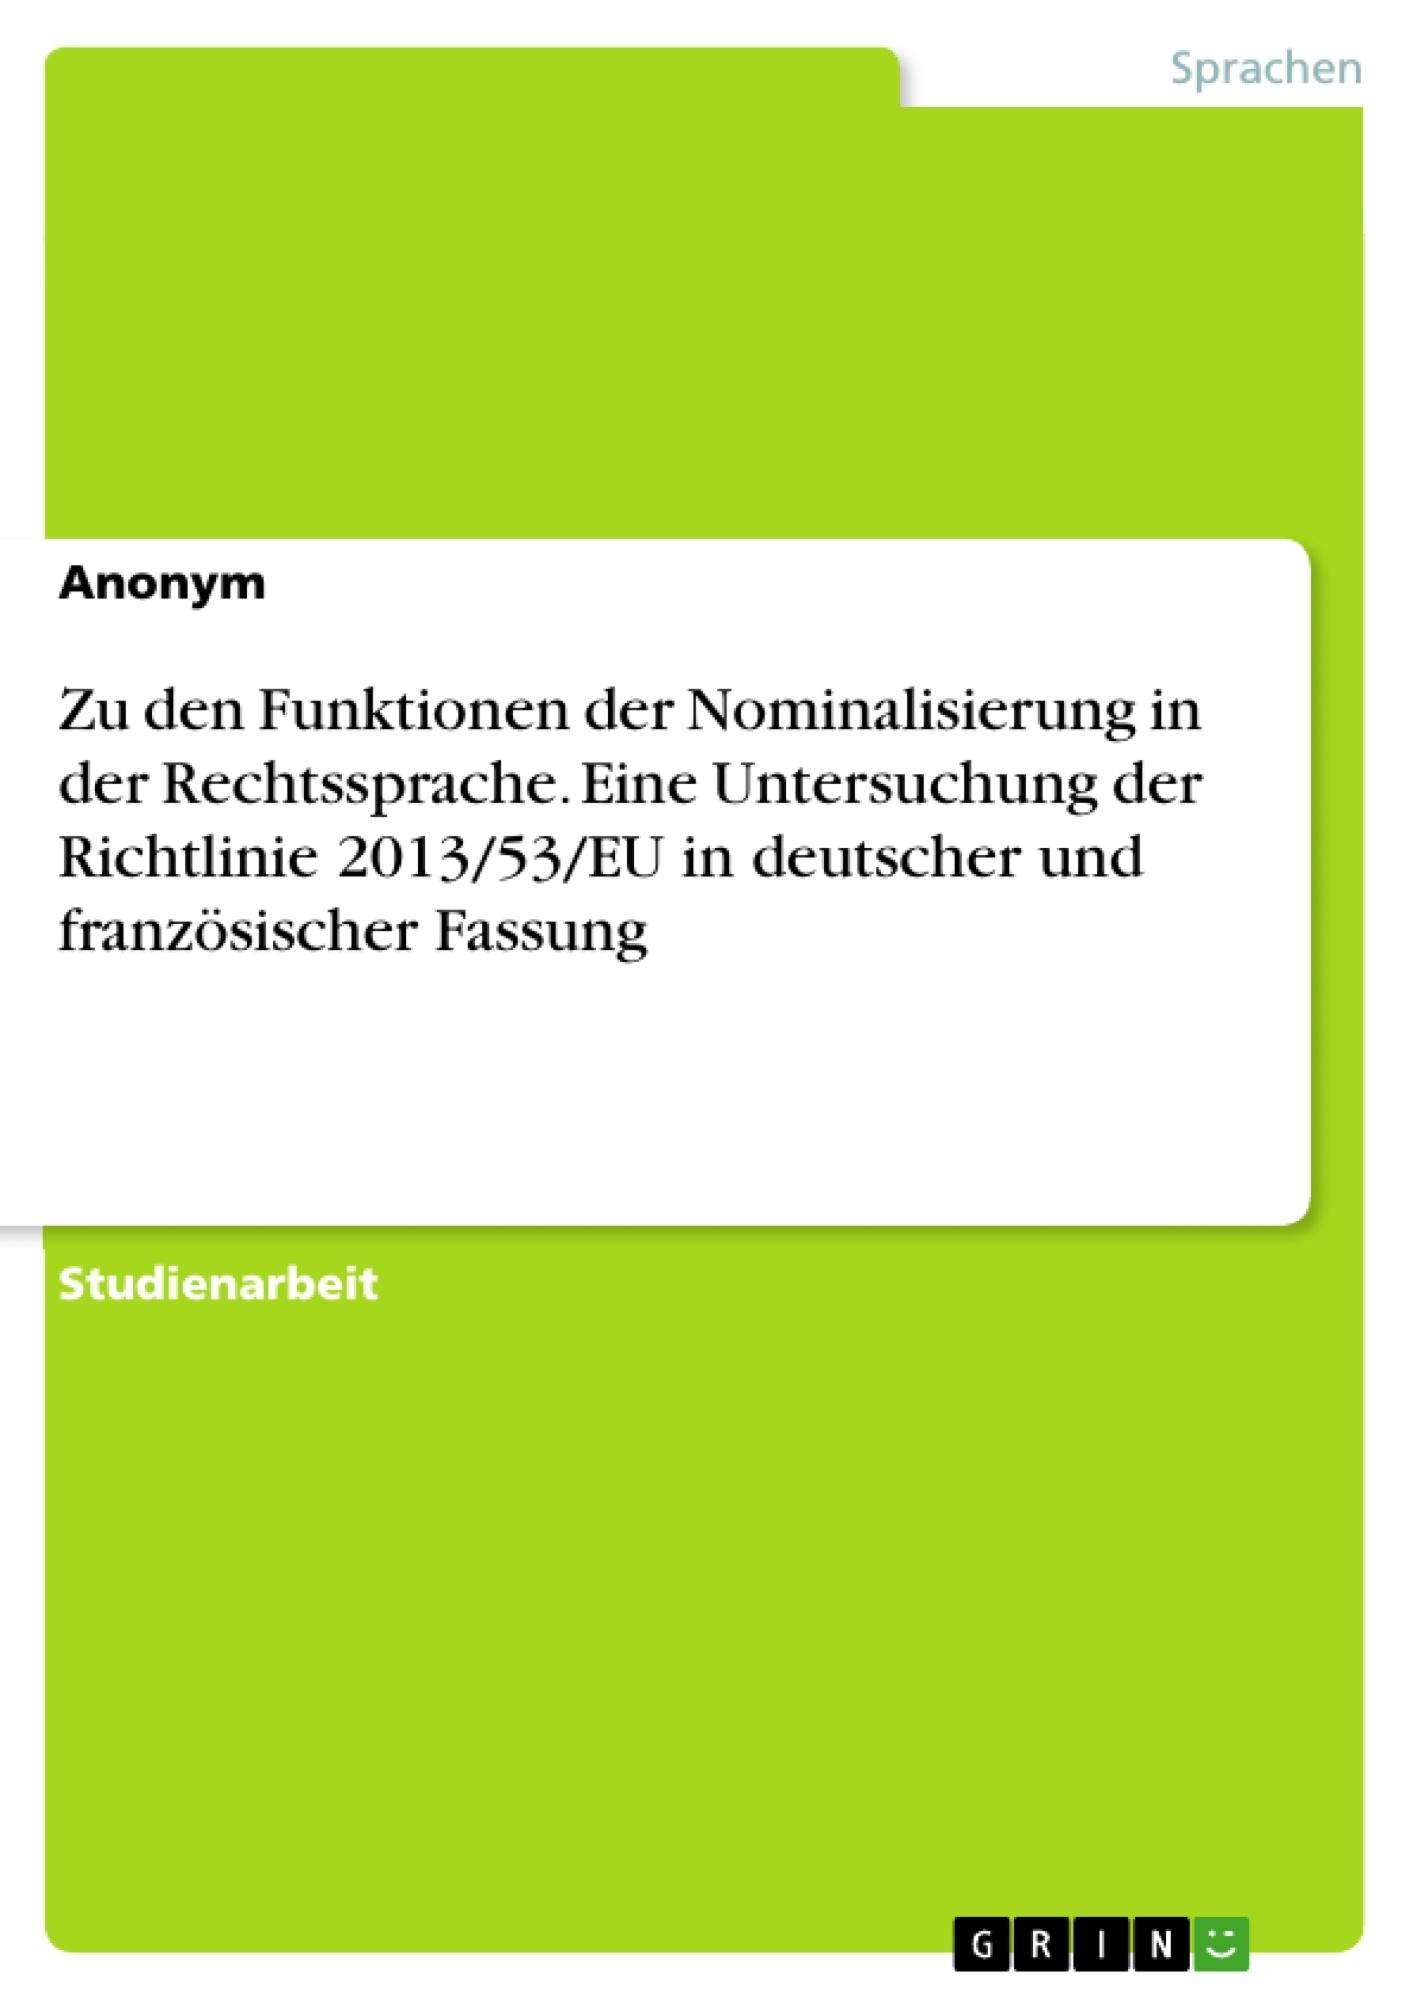 Titel: Zu den Funktionen der Nominalisierung in der Rechtssprache. Eine Untersuchung der Richtlinie 2013/53/EU in deutscher und französischer Fassung